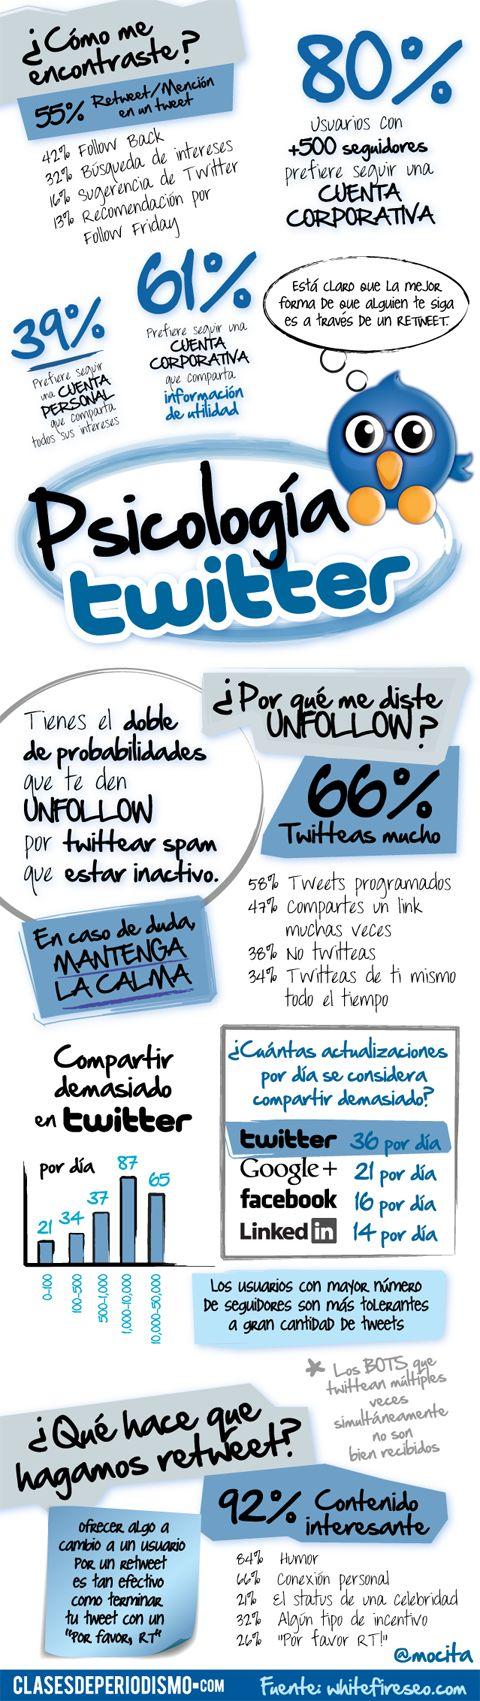 #Infografia: #Psicología de la #RedSocial #Twitter en la actualidad.